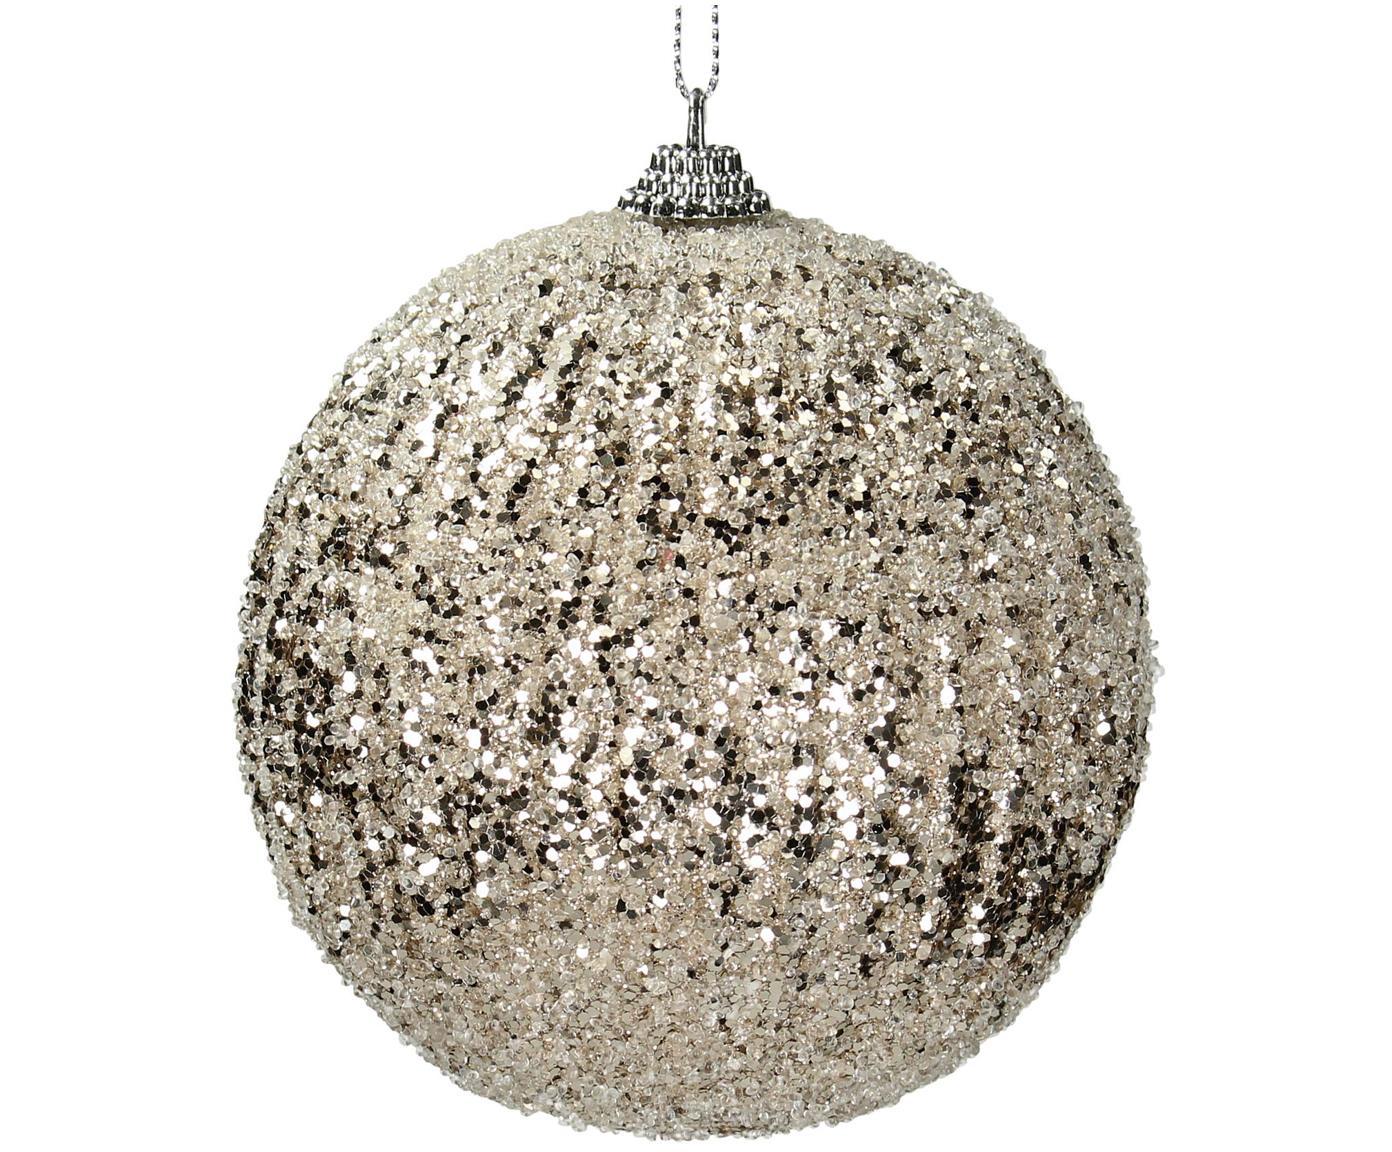 Weihnachtskugeln Dazzle, 2 Stück, Kunststoff, glänzend, Champagnerfarben, Ø 10 cm